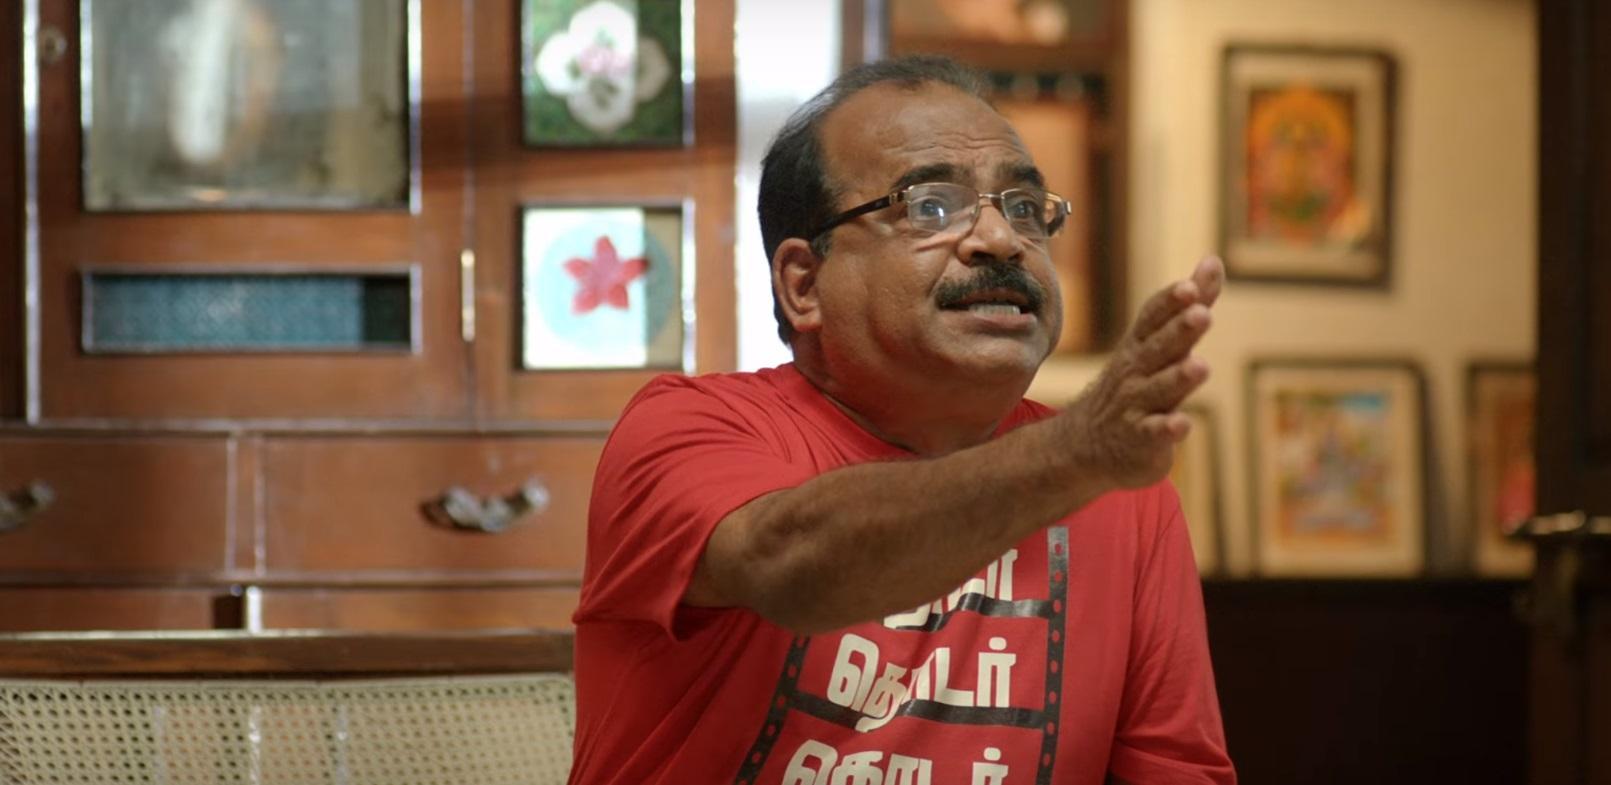 lkg-tamil-movie-review-images-hd-nanjil-sampath-rjbalaji-priya-anand-political-drama